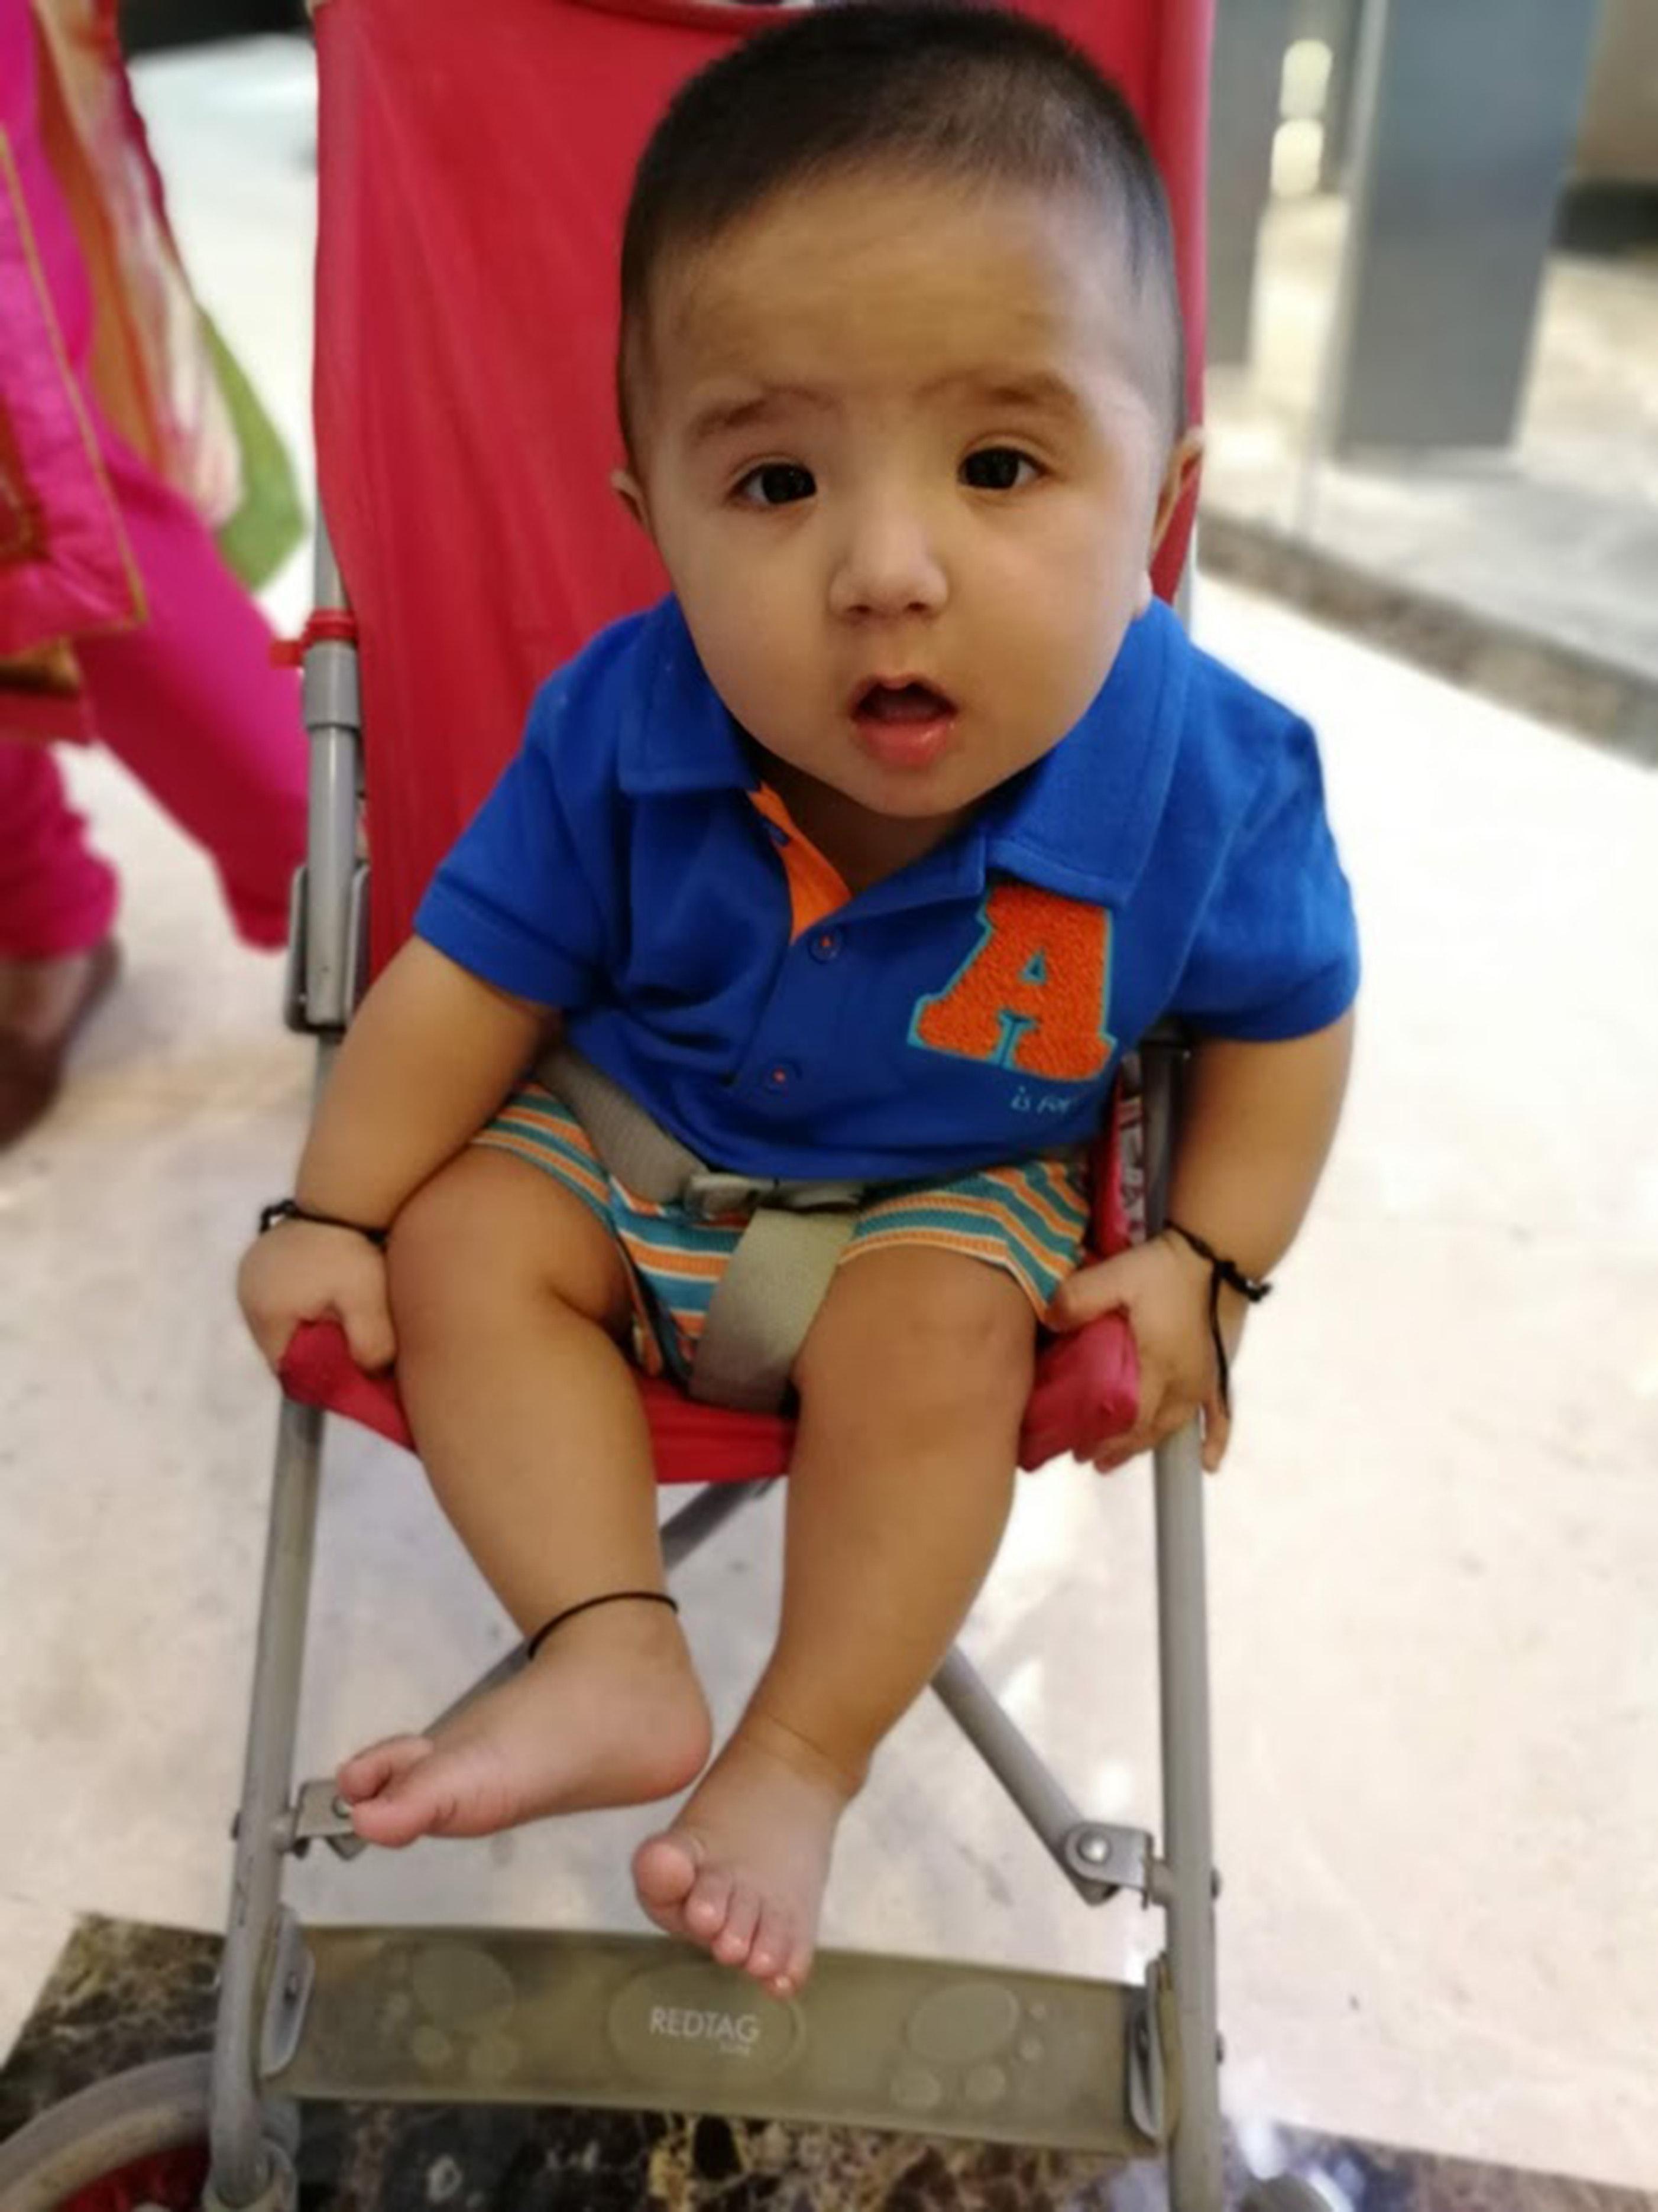 Foto Stok Gratis Tentang Bayi Bayi Kecil Bayi Laki Laki